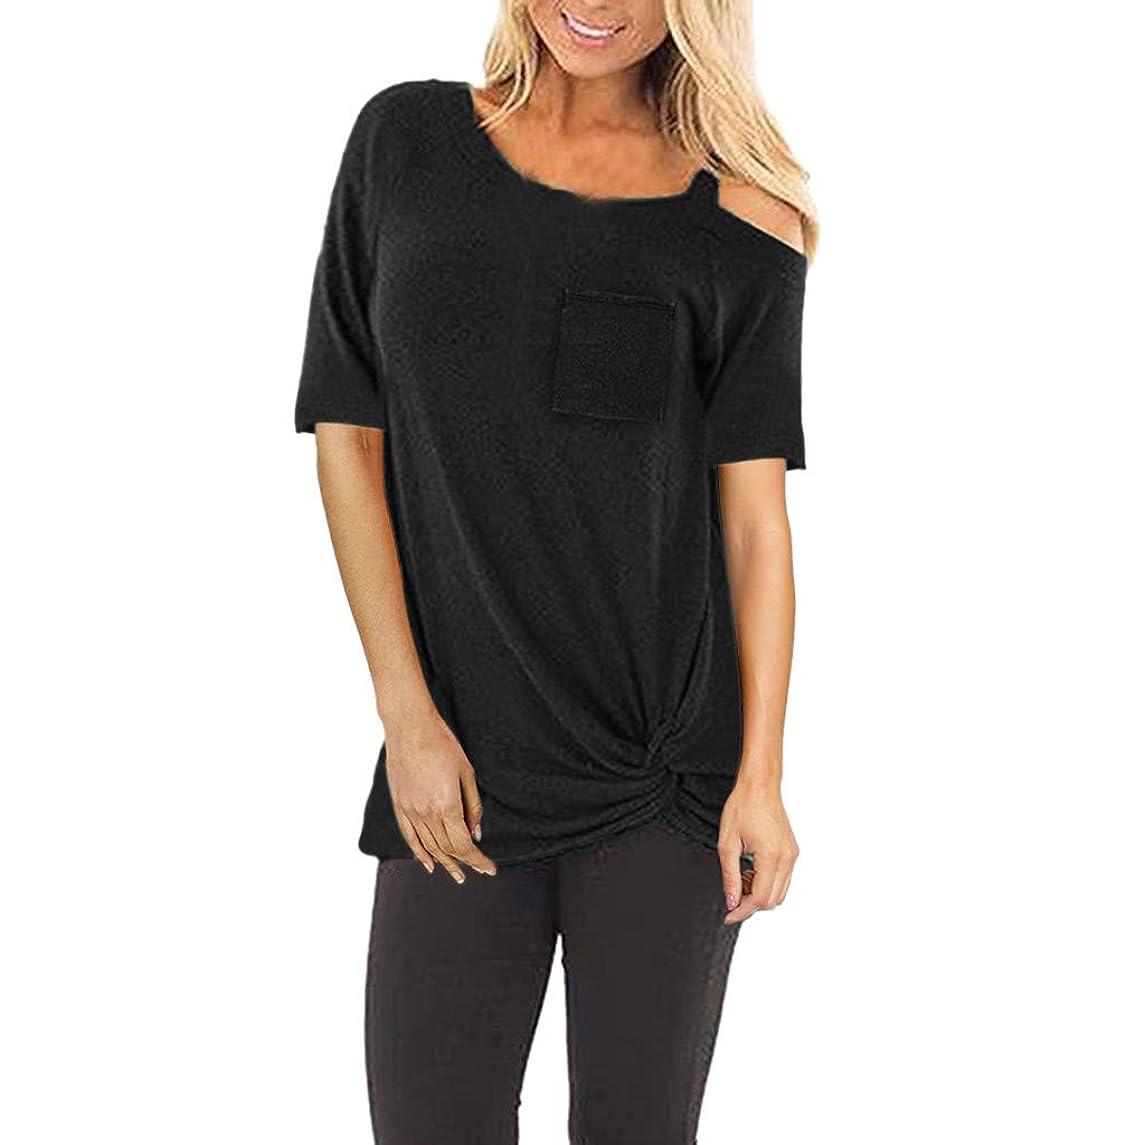 TANLANG Women Elegant Top Cold Shoulder One Off-Shoulder Strap Blouse Solid Color Regular T-Shirt Short Sleeve Basic Tee